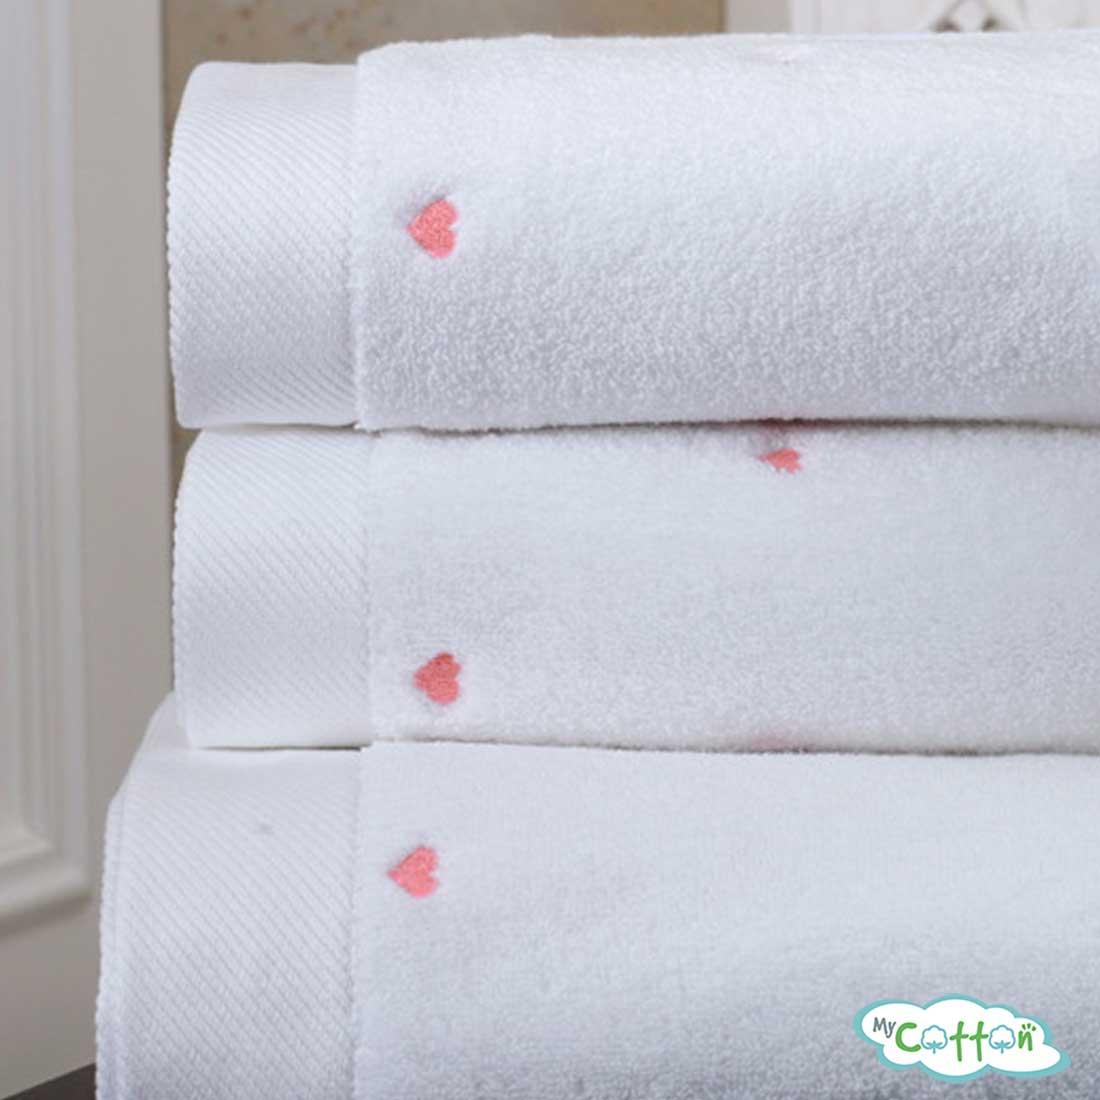 Полотенце махровое Soft Cotton белое c розовыми сердечками LOVE-